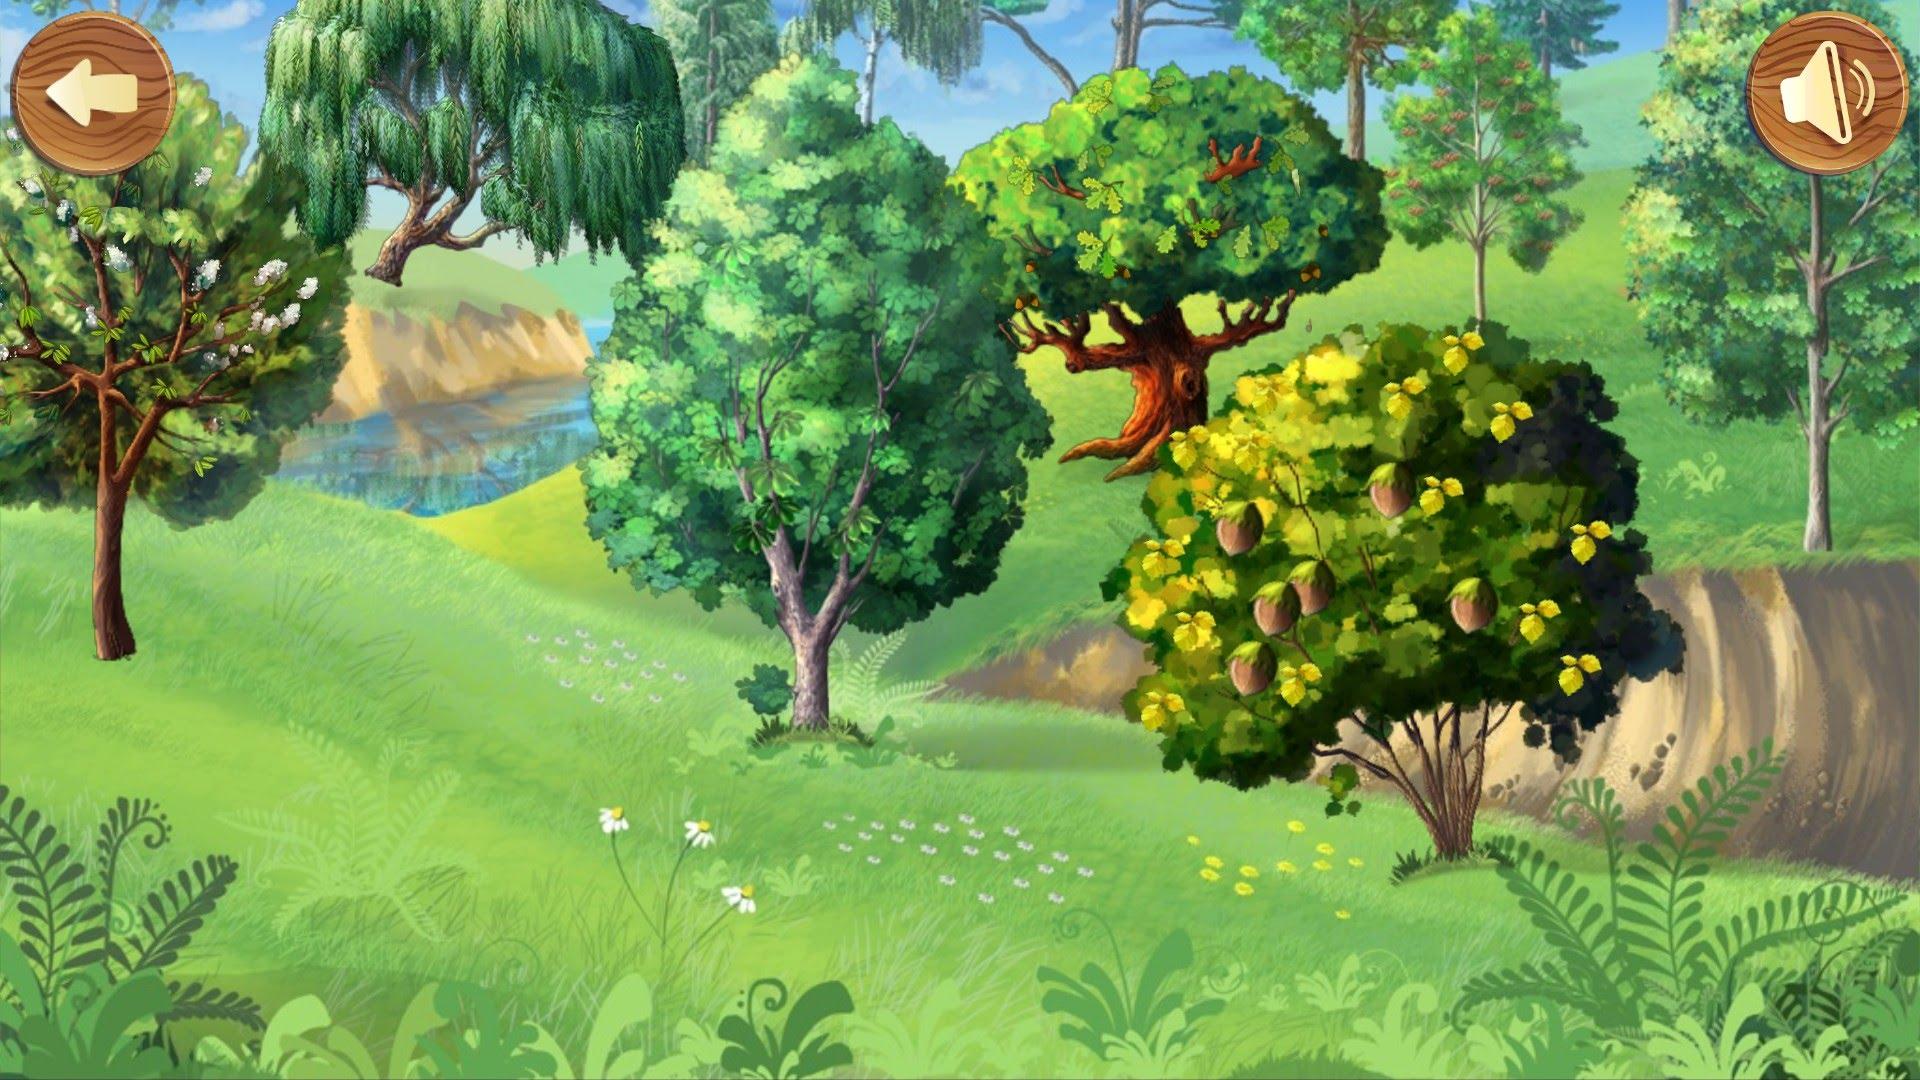 Красивые картинки с деревьями для детей и малышей - подборка 20 фото 16